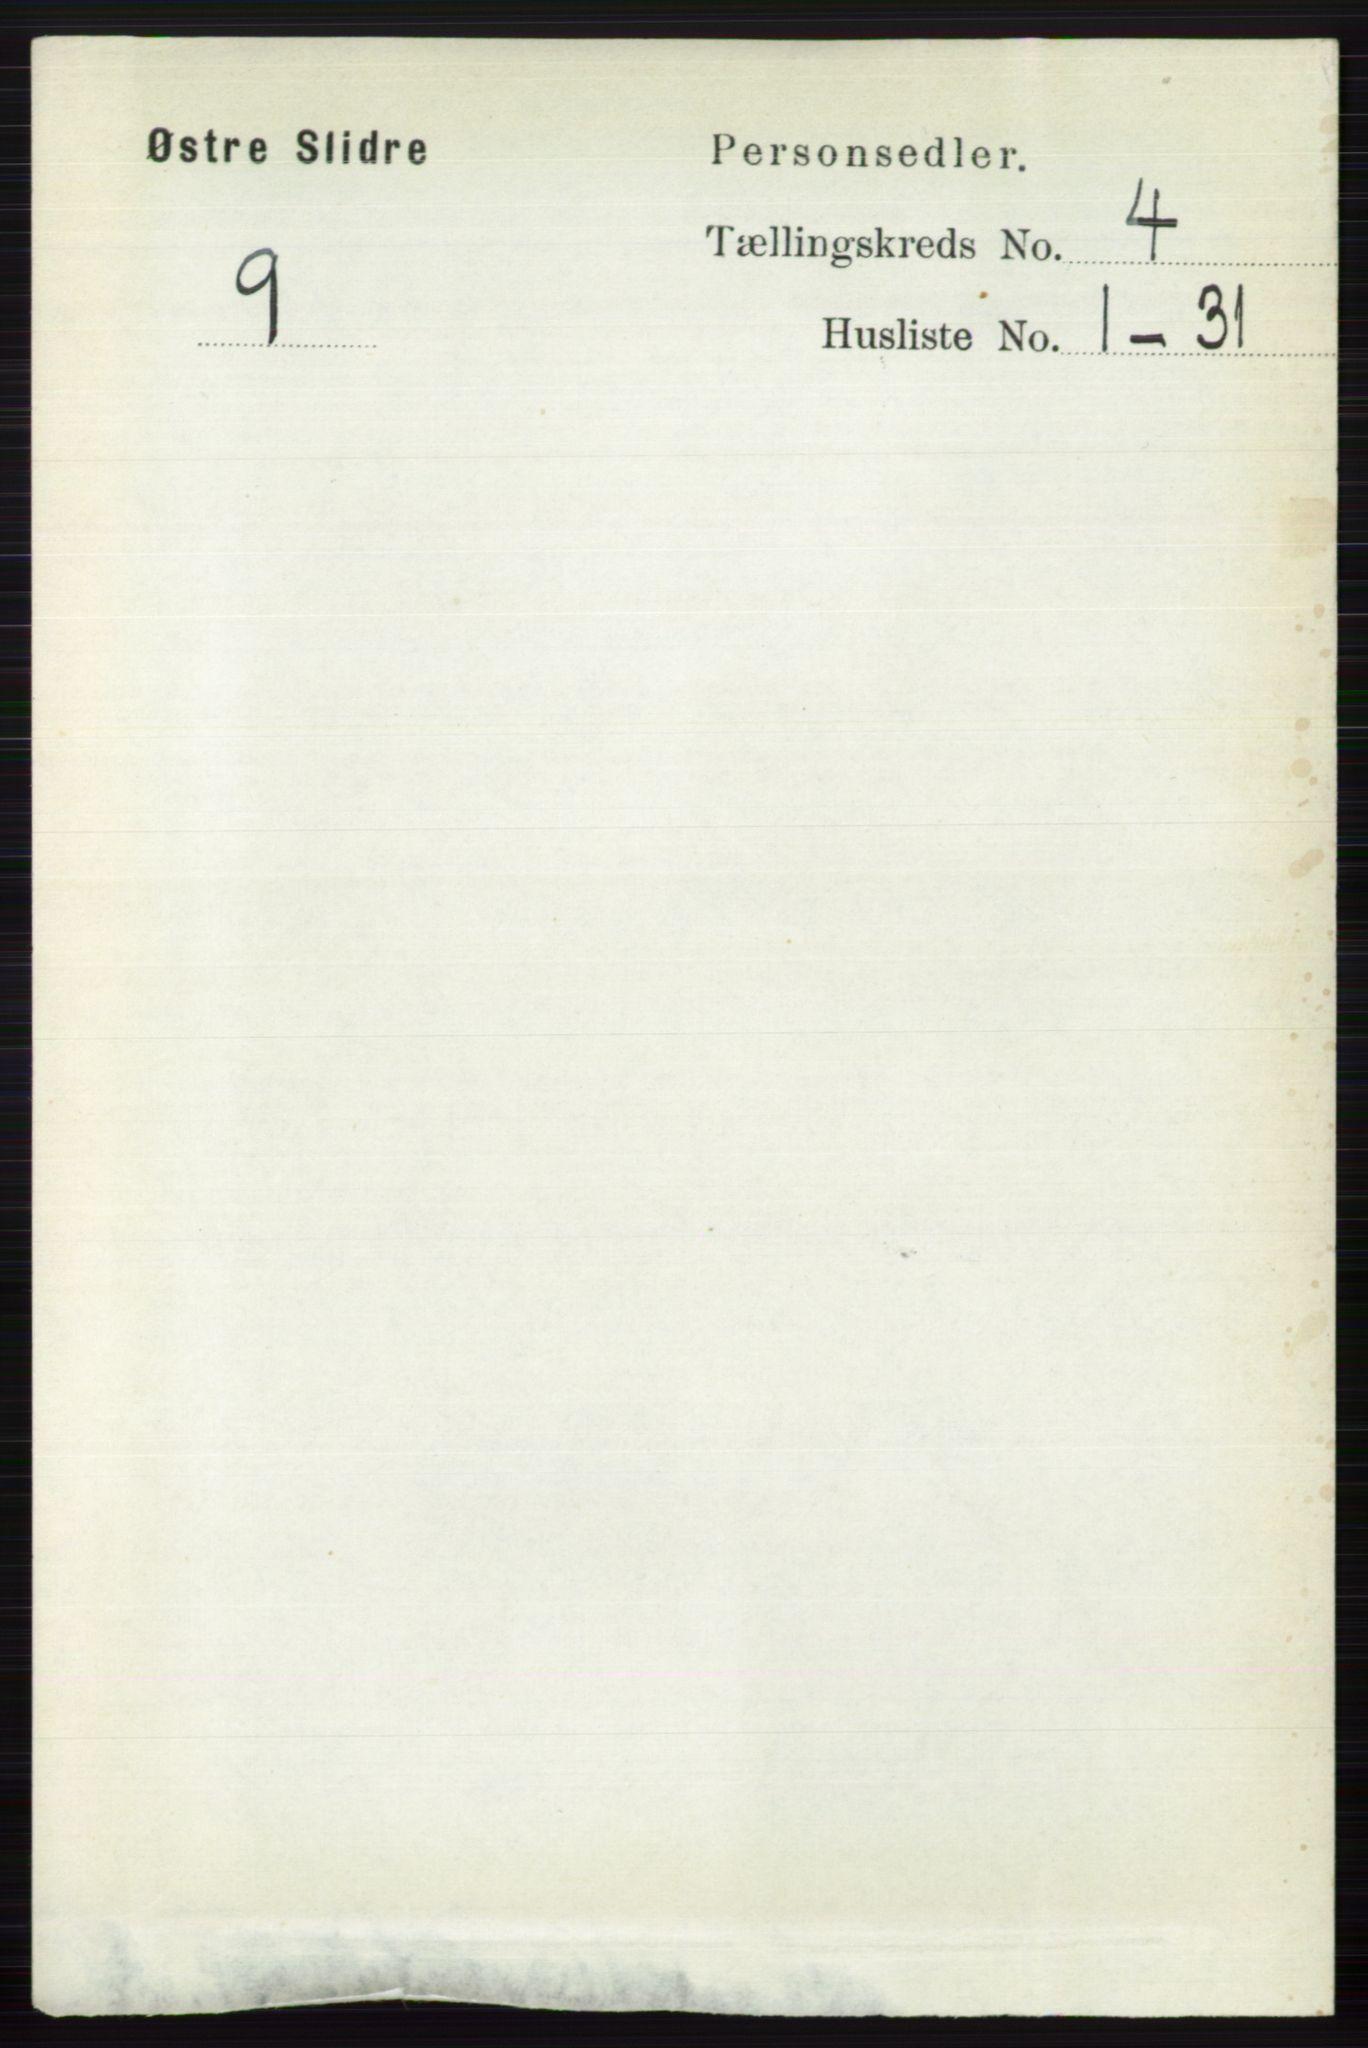 RA, Folketelling 1891 for 0544 Øystre Slidre herred, 1891, s. 1202